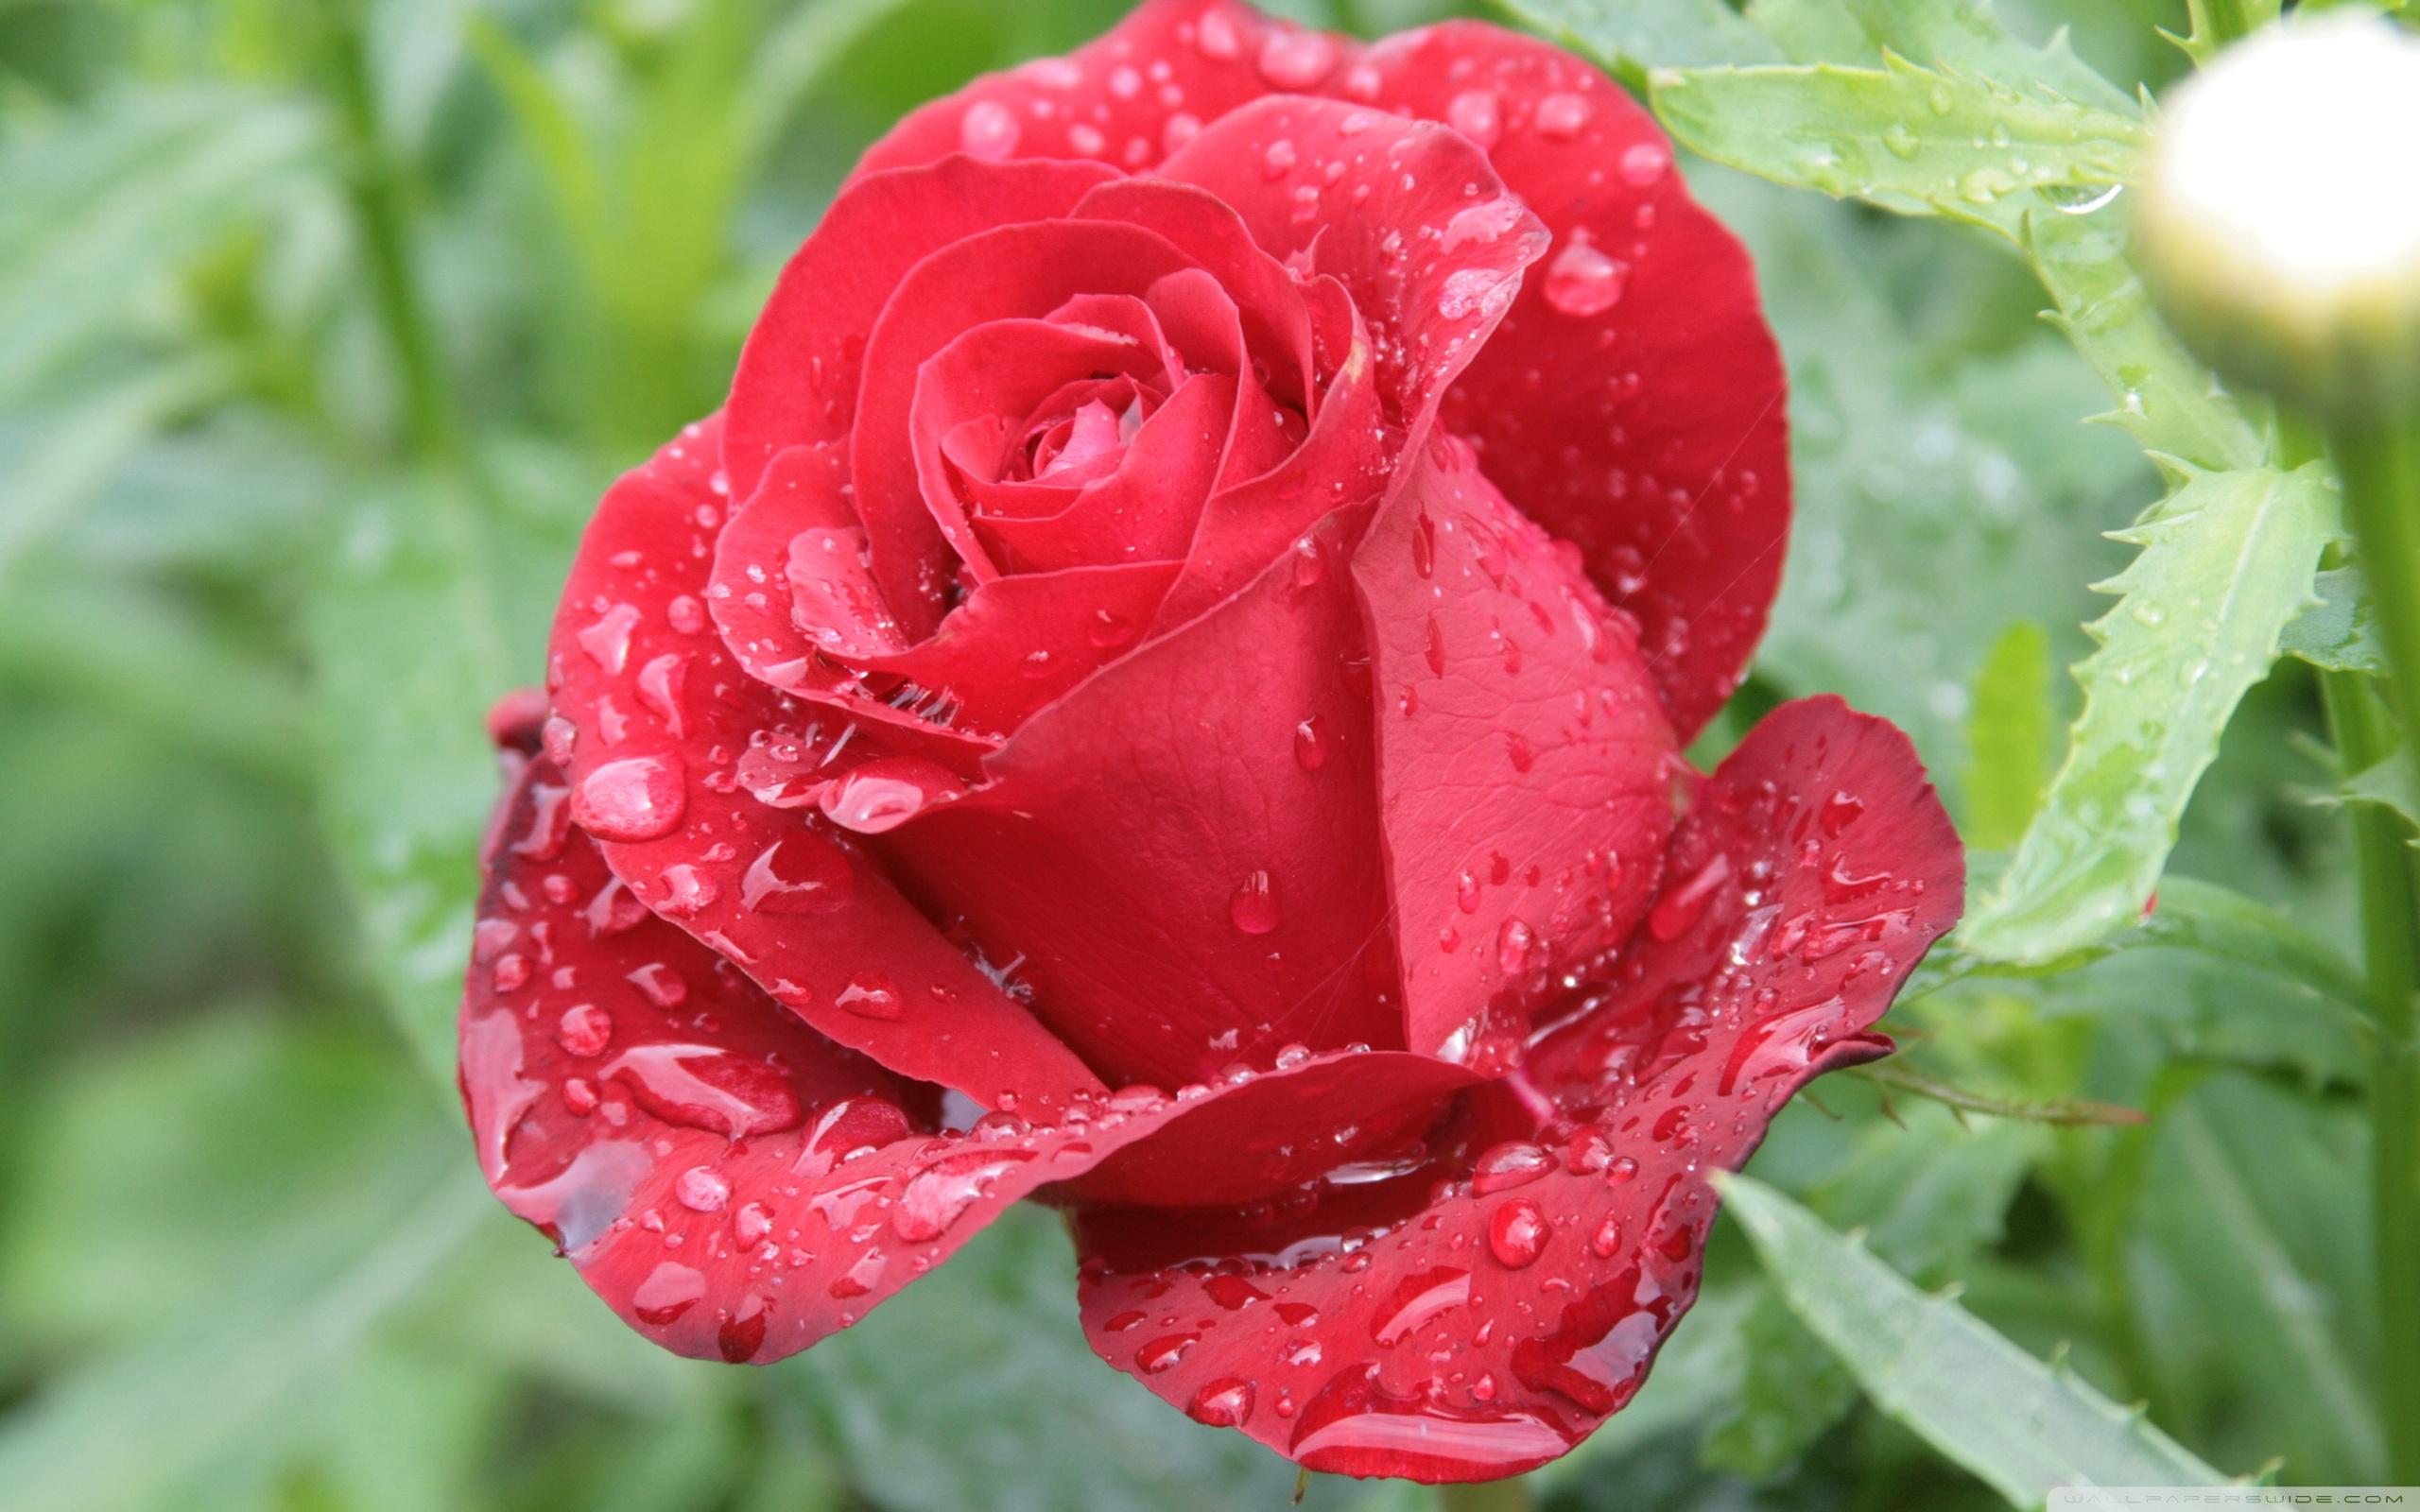 Red roses rain drops